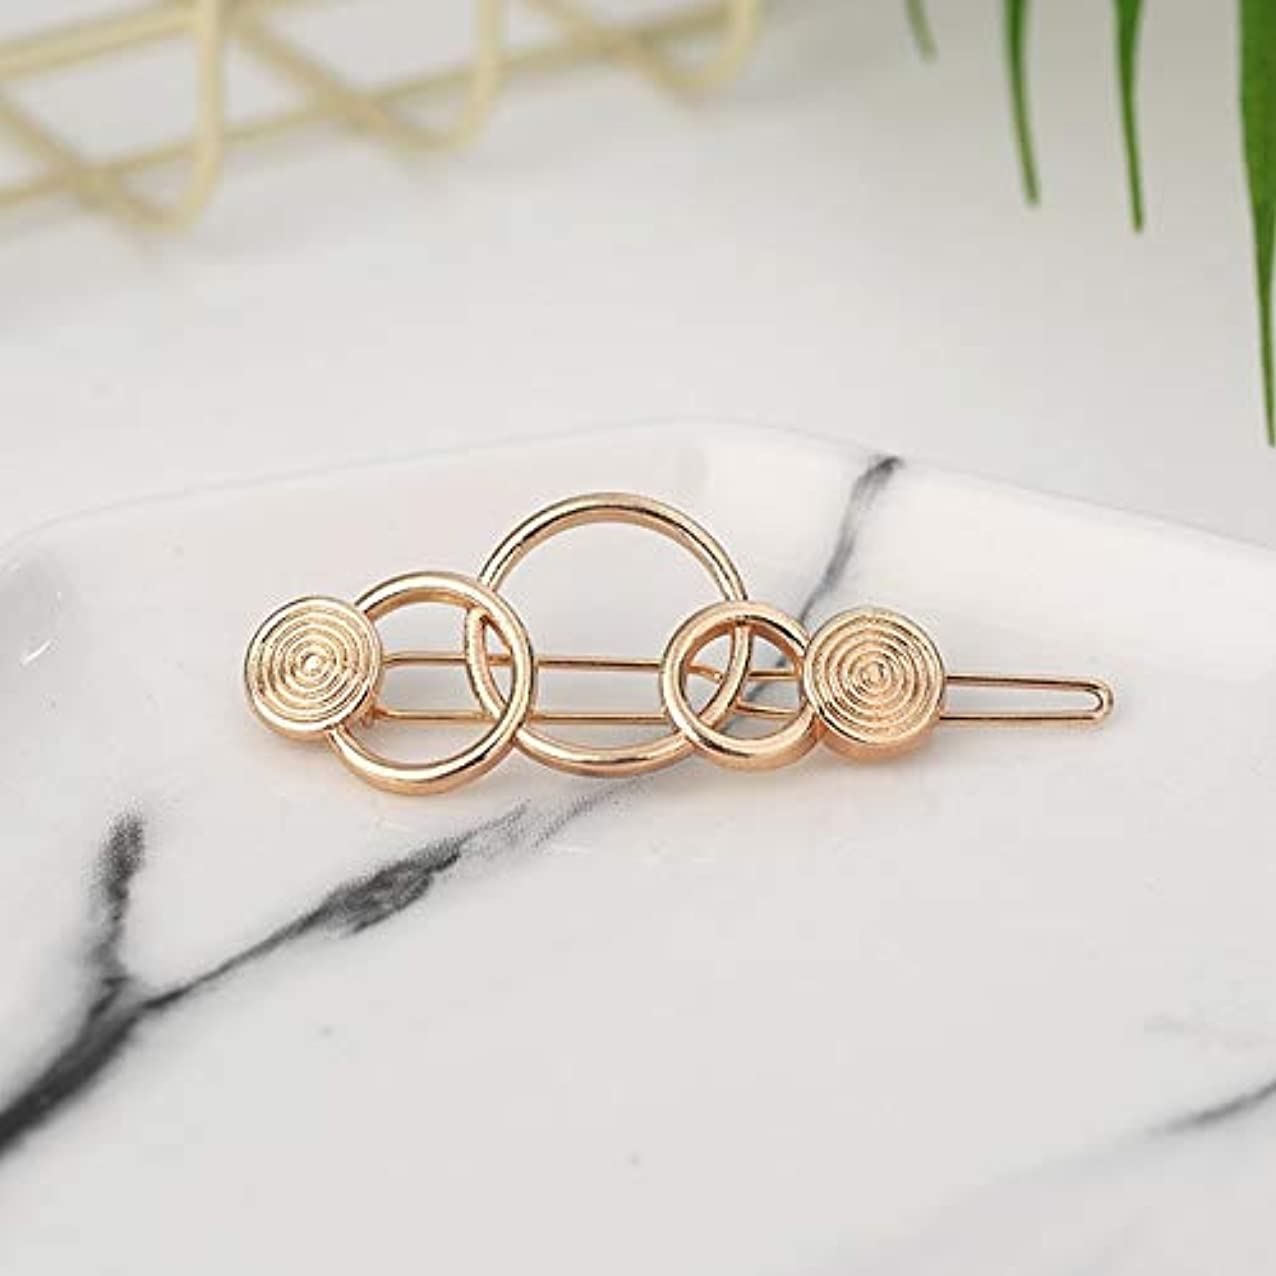 プロフェッショナル責いつでもフラワーヘアピンFlowerHairpin YHM 2ピースファッション女性ヘアアクセサリートライアングルヘアクリップピンメタル幾何学的合金ヘアバンド(ムーンゴールド) (色 : Three-ring gold)